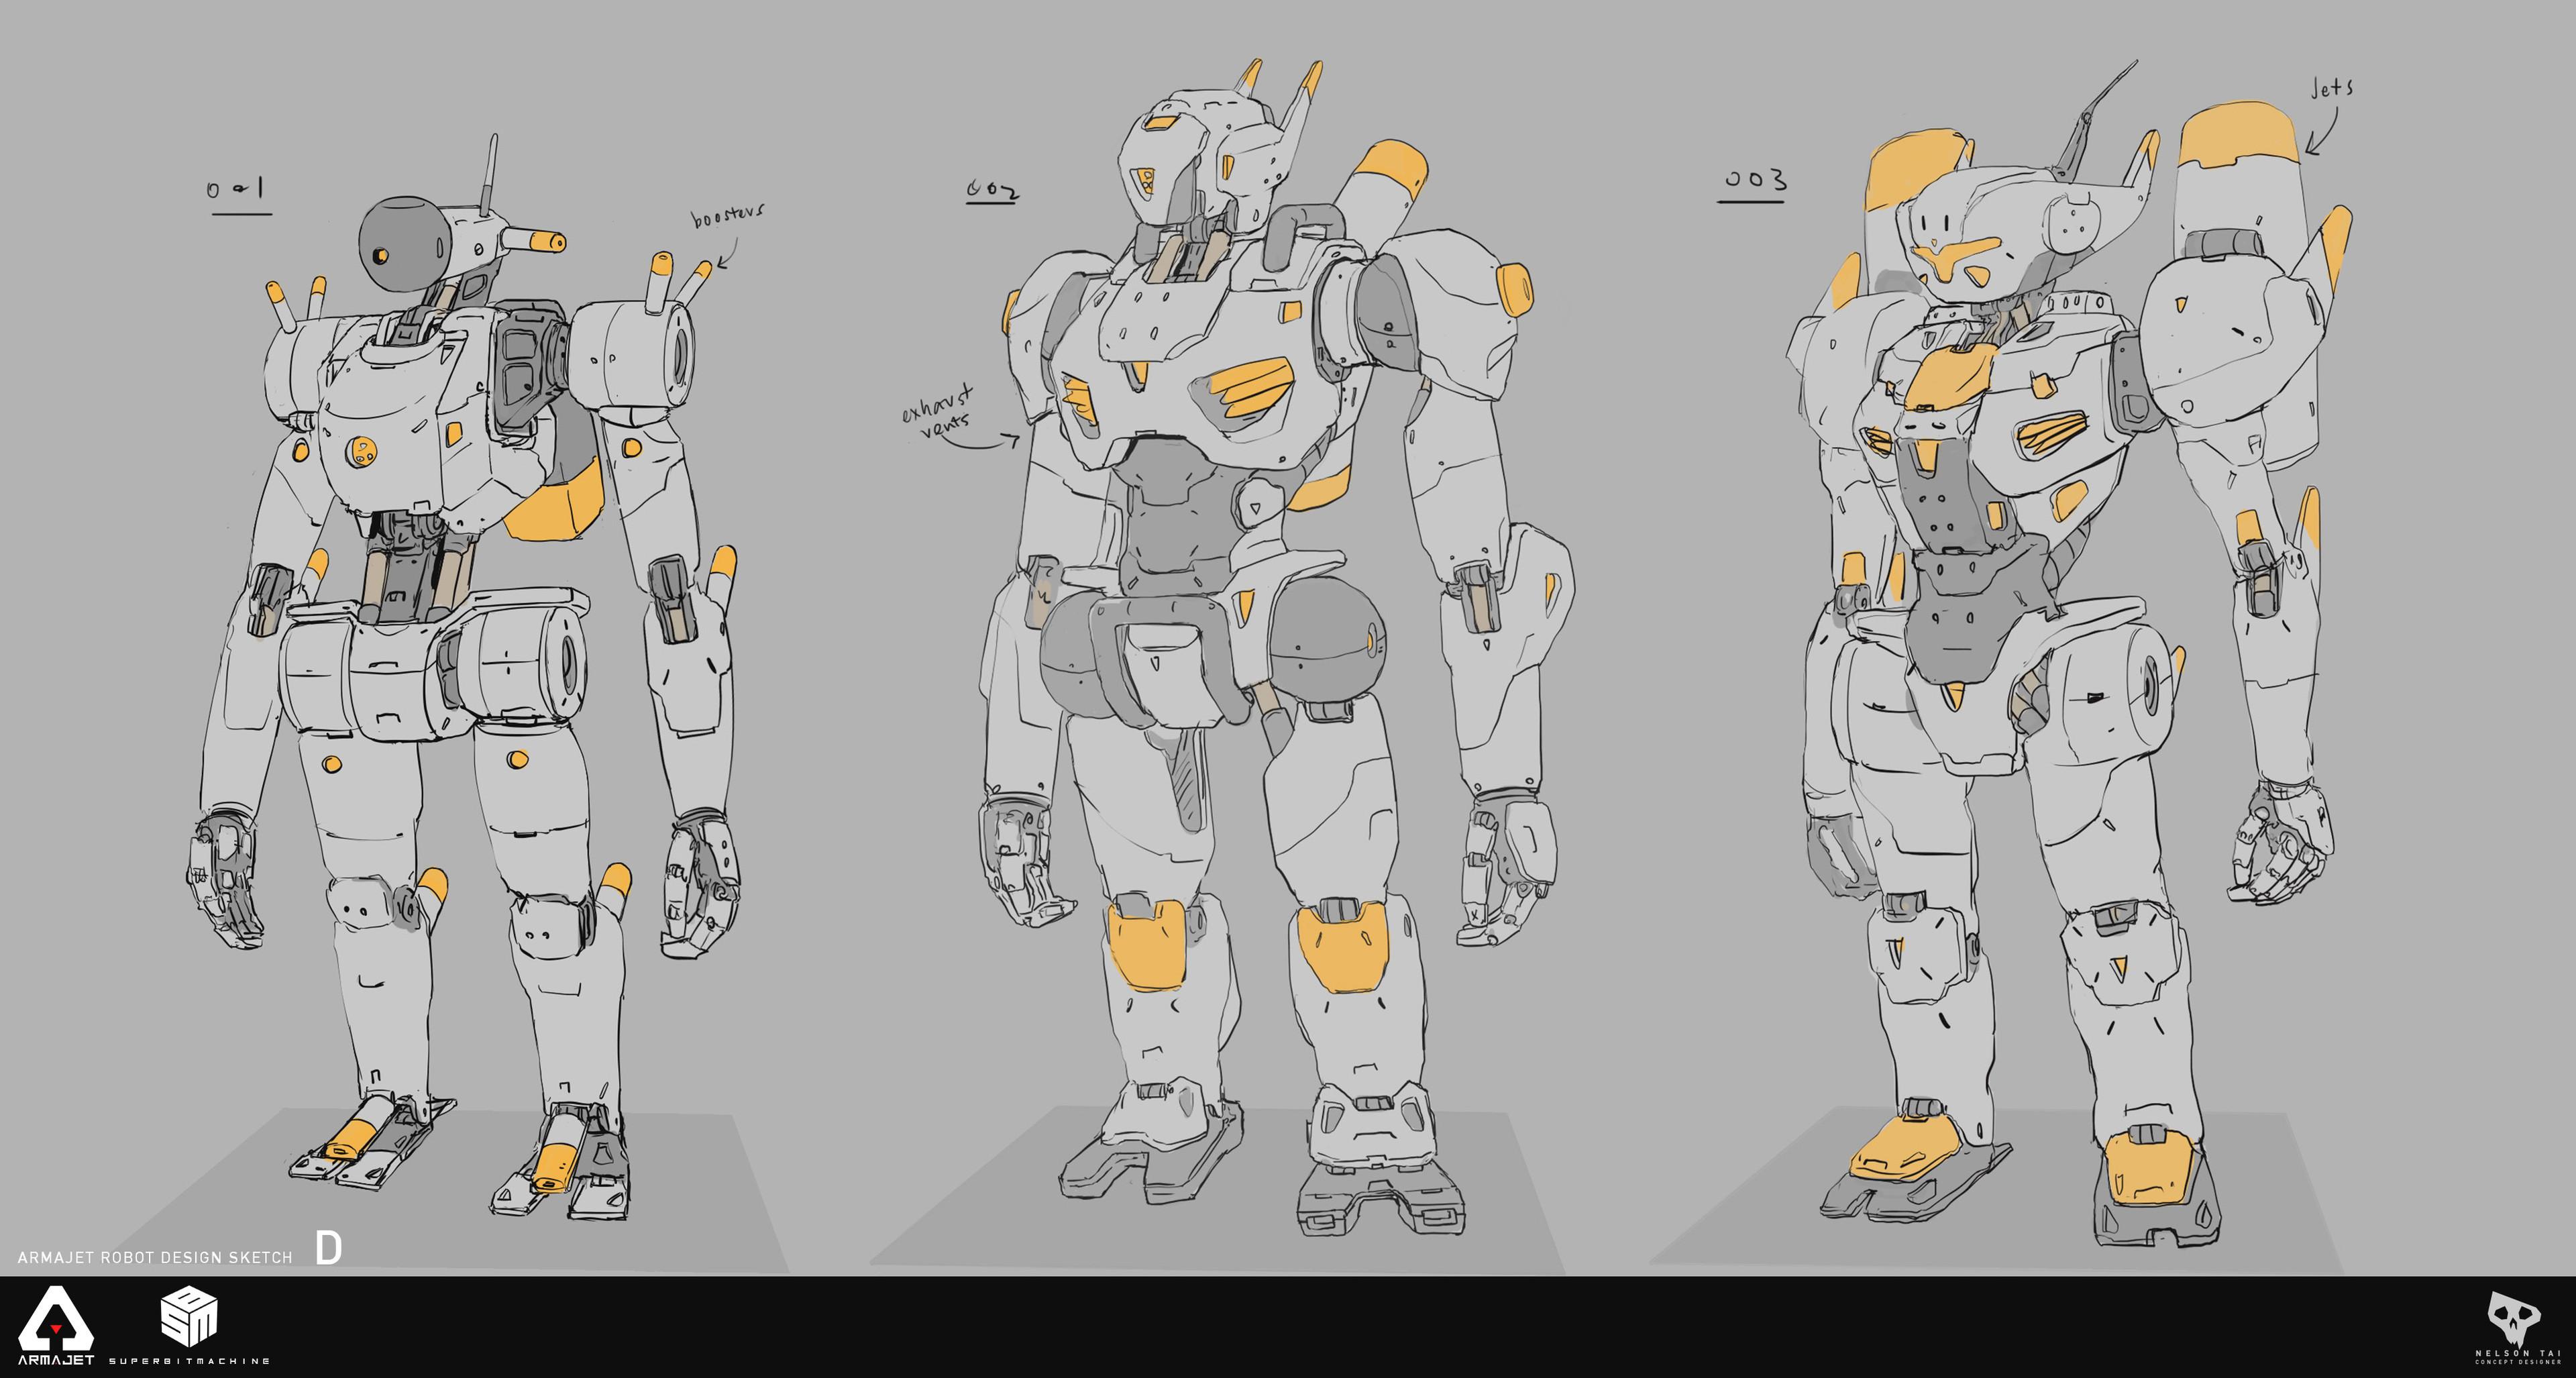 More robo exploration.